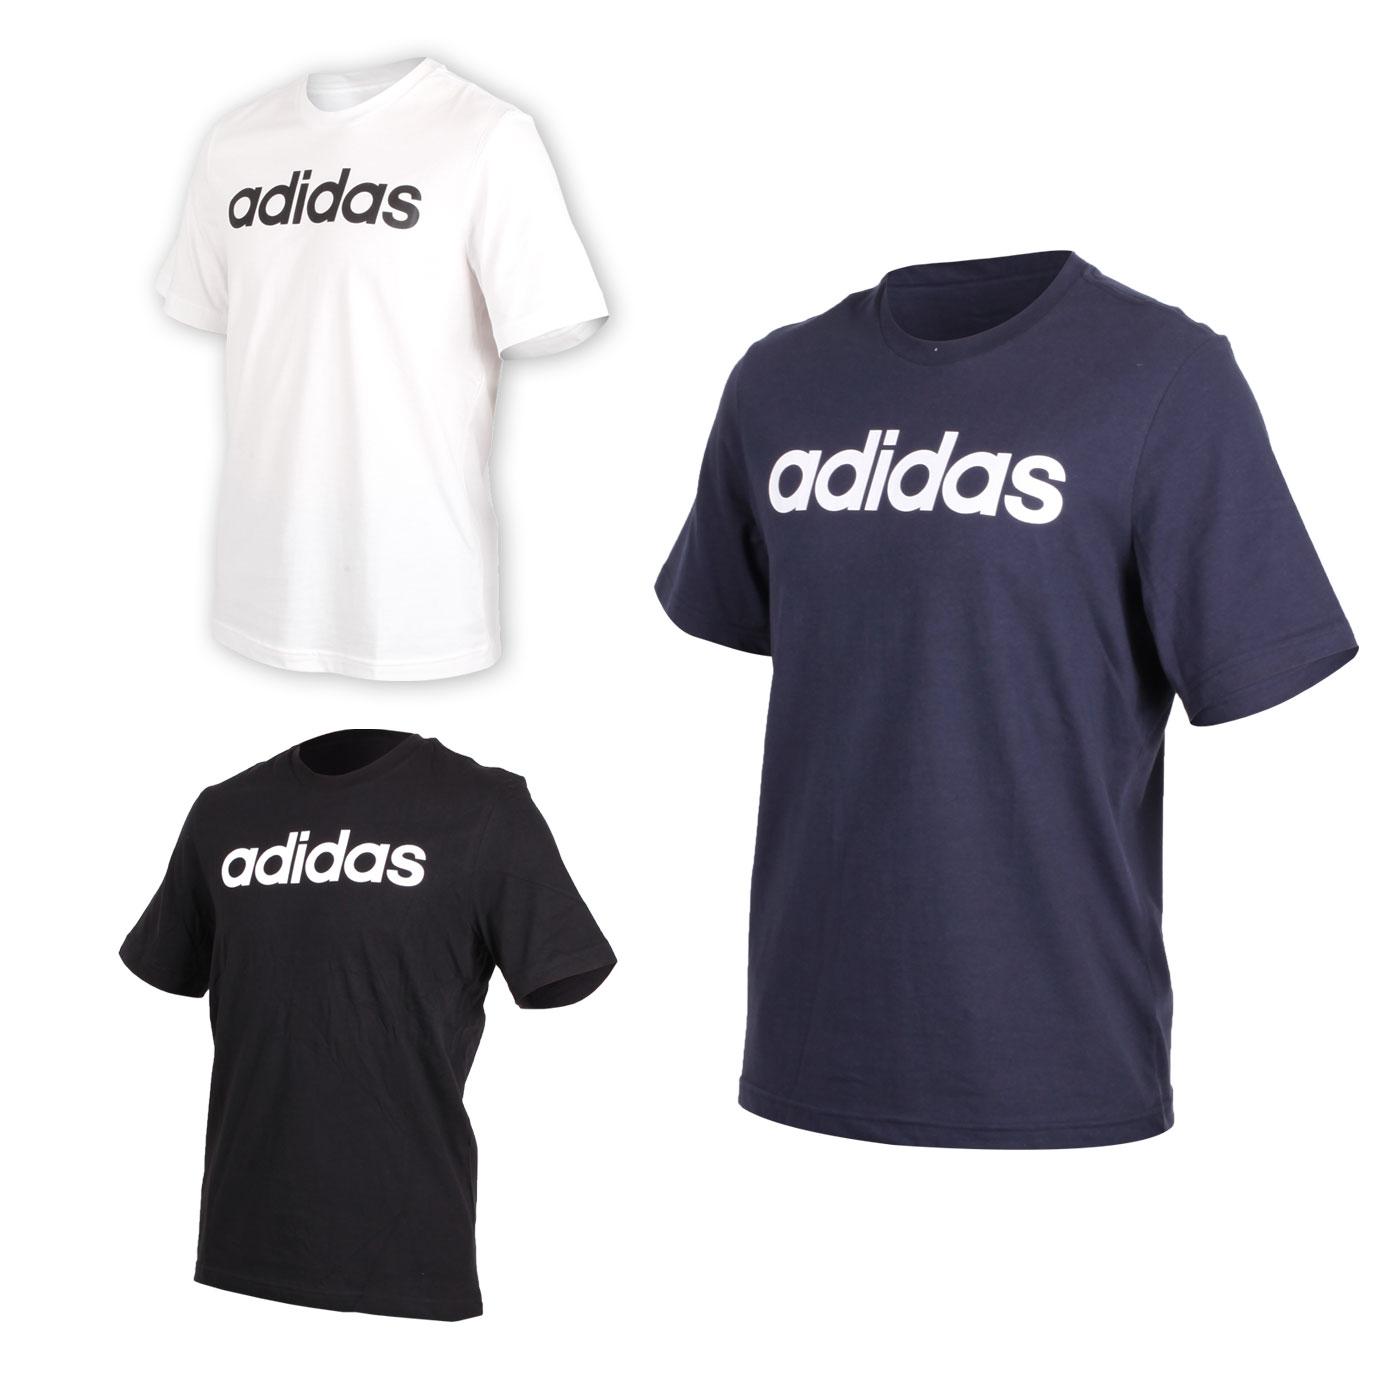 ADIDAS 男款短袖圓領T恤 DQ3056